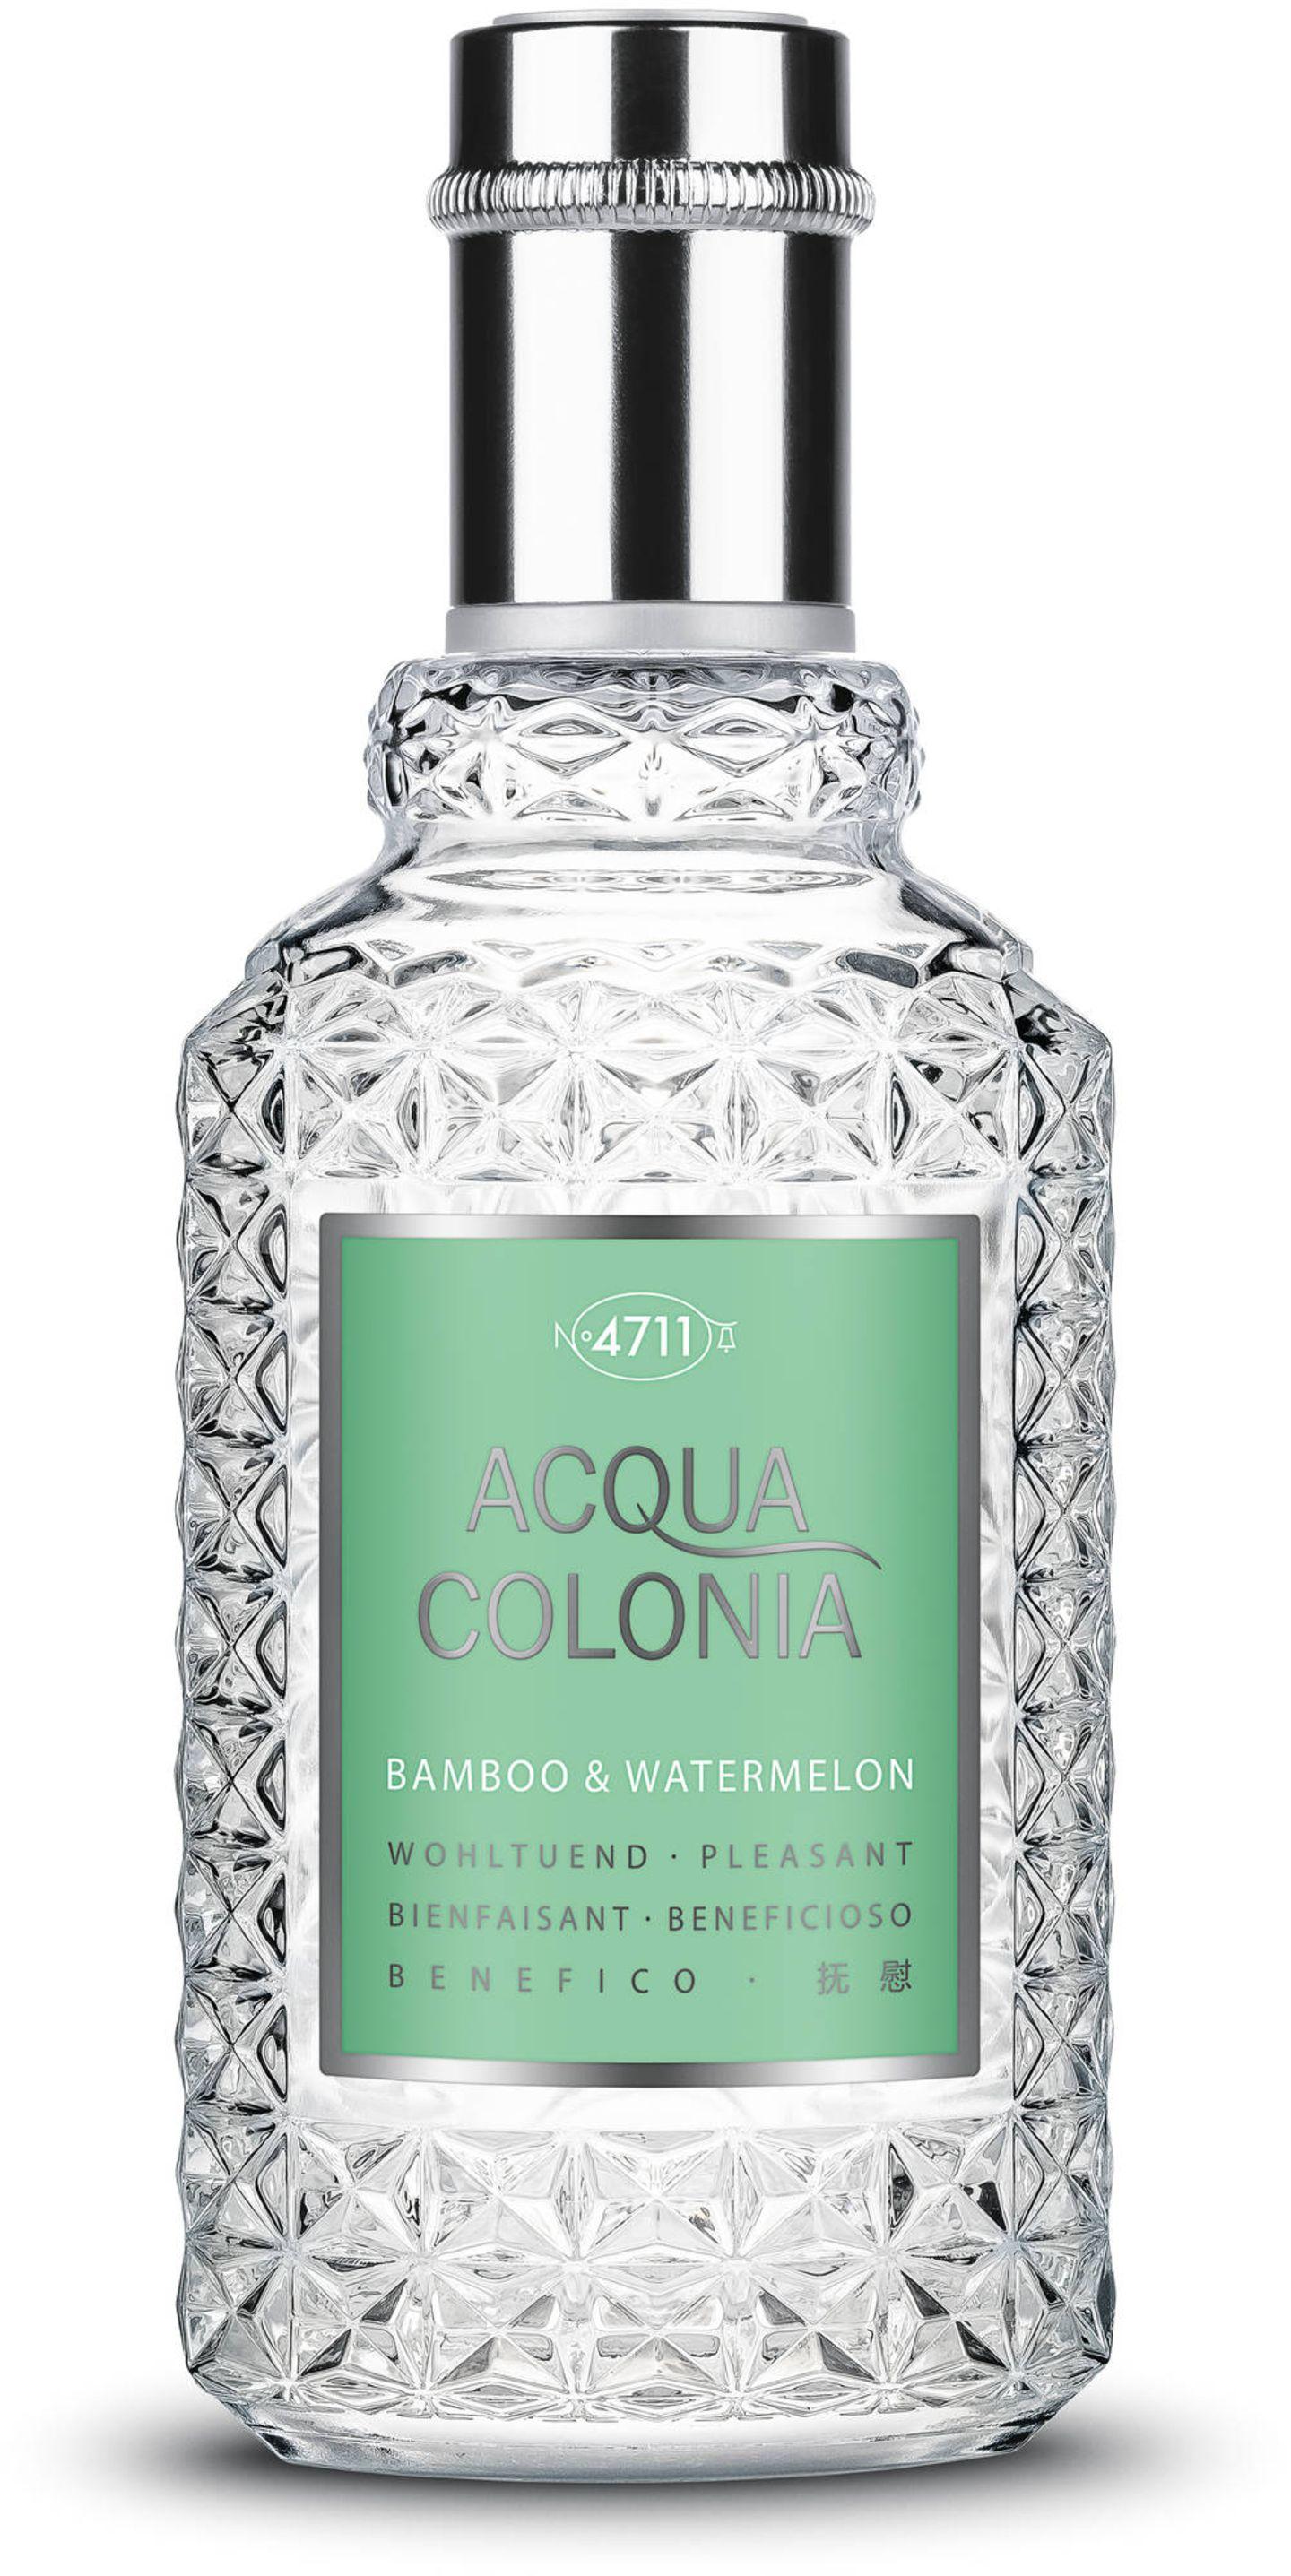 4711 Acqua Colonia Bamboo & Watermelon ist eineder neuen Duftkompositionen der 4711 Acqua Colonia Limited Edition 2021.Grüne Bambusnoten in Kombination mit dem zart-süßlichen Aroma der Wassermelone geben uns einen fruchtigen Frischekick. Für etwa 17 Euro erhältlich.